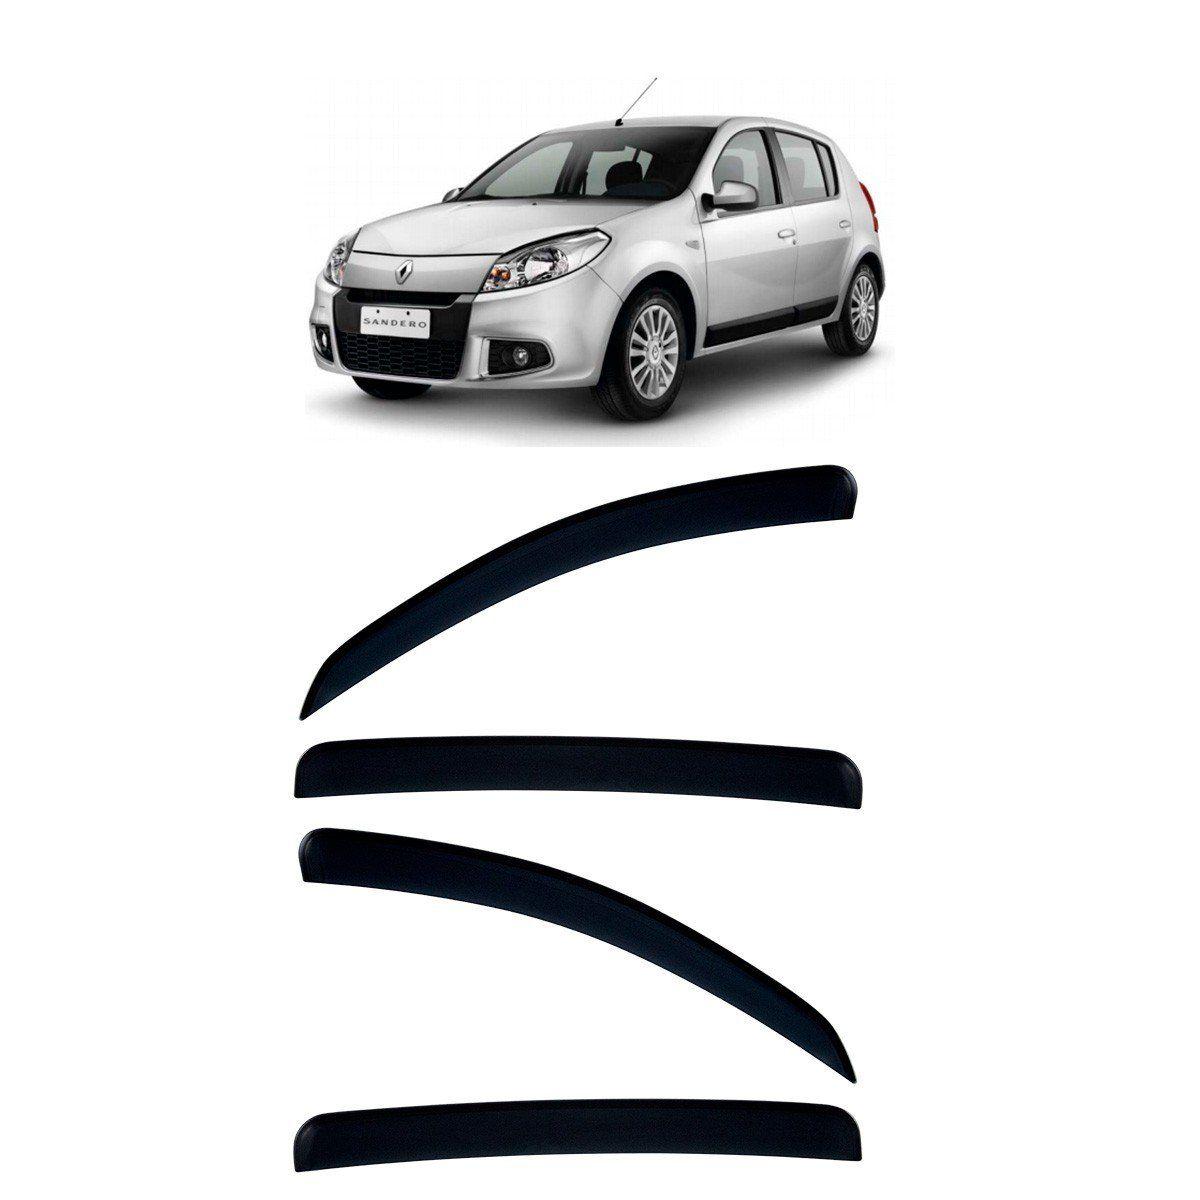 Calha De Chuva Para Renault Sandero 2007 A 2014 TG Poli